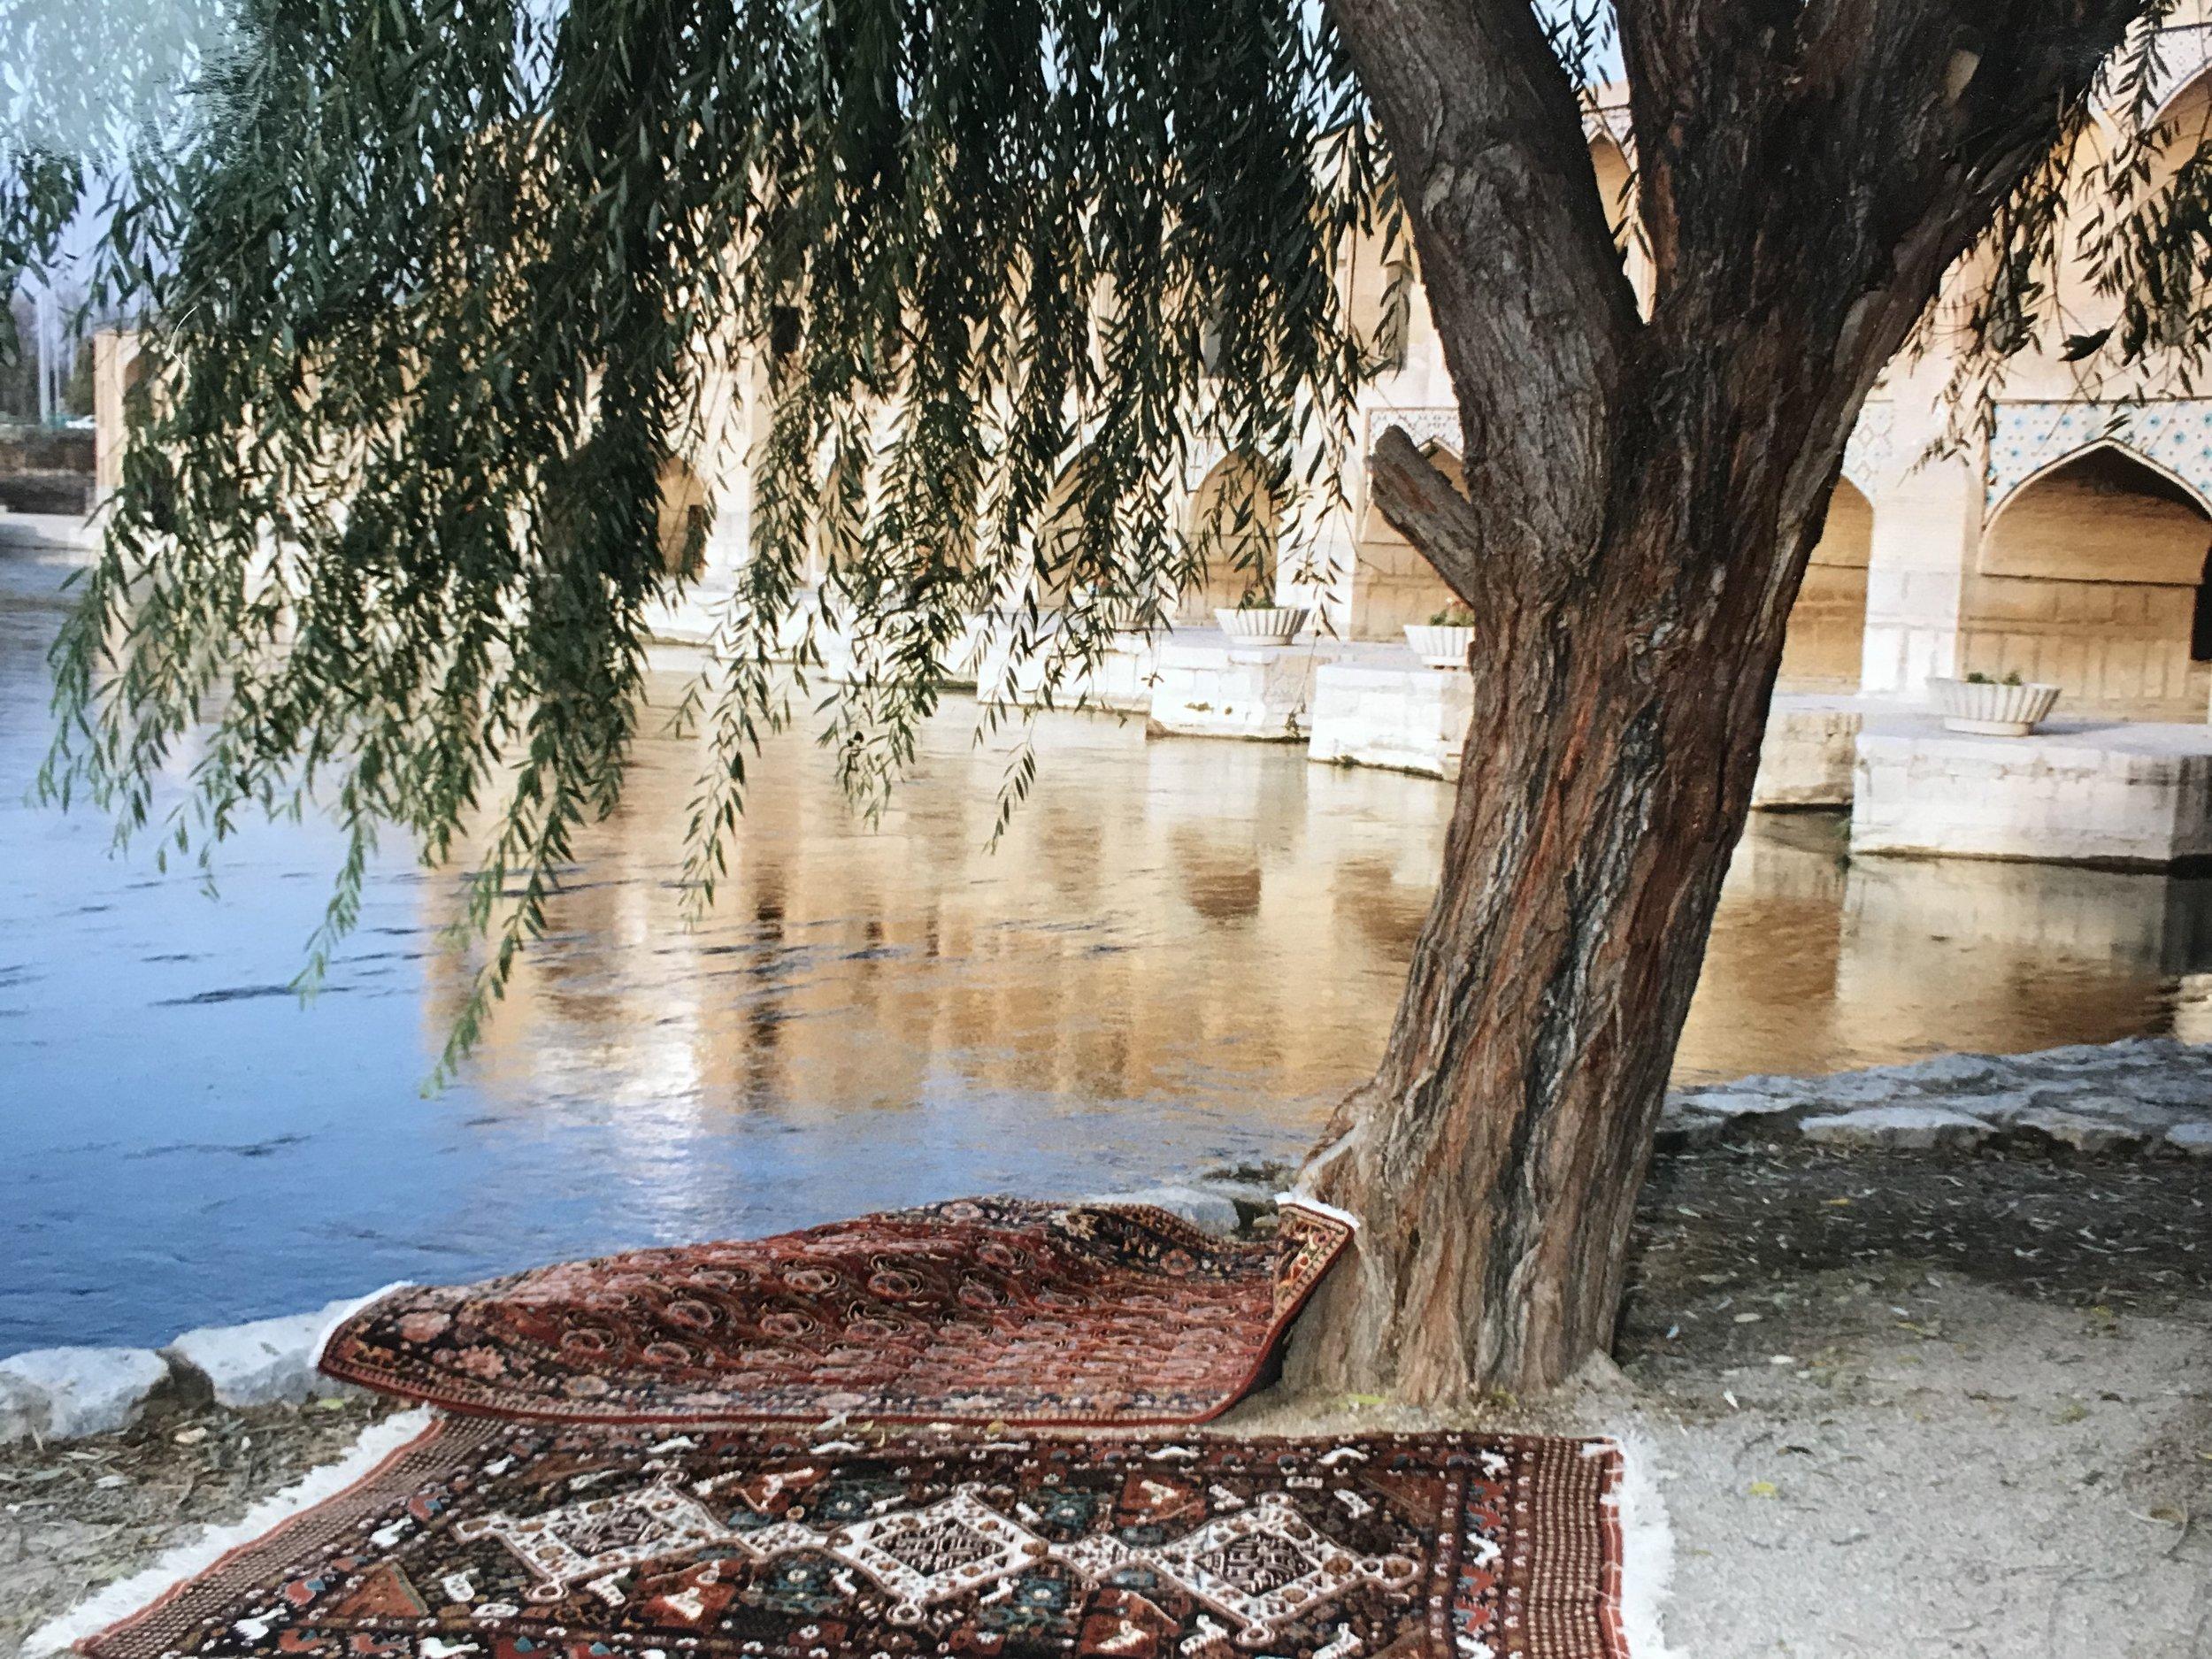 Esfahan, Dorset, Wiltshire, Hampshire, Bakhtiyar, Persian Rug, Persian Carpet, Oriental Carpet, Exhibition